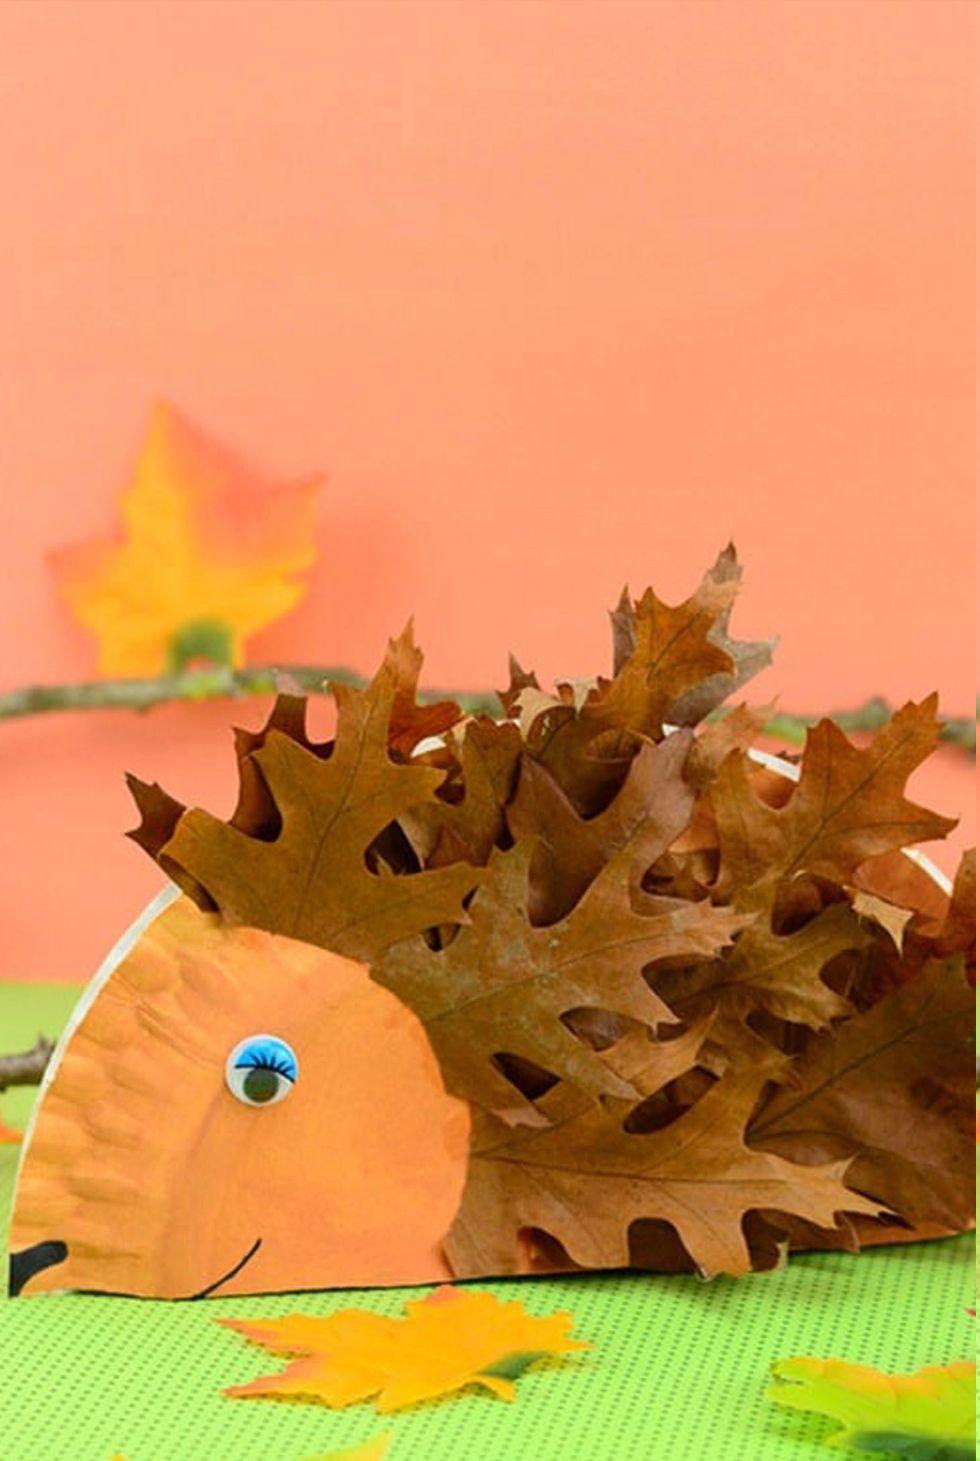 Basteln mit Kindern Herbst: Igel mit Laub